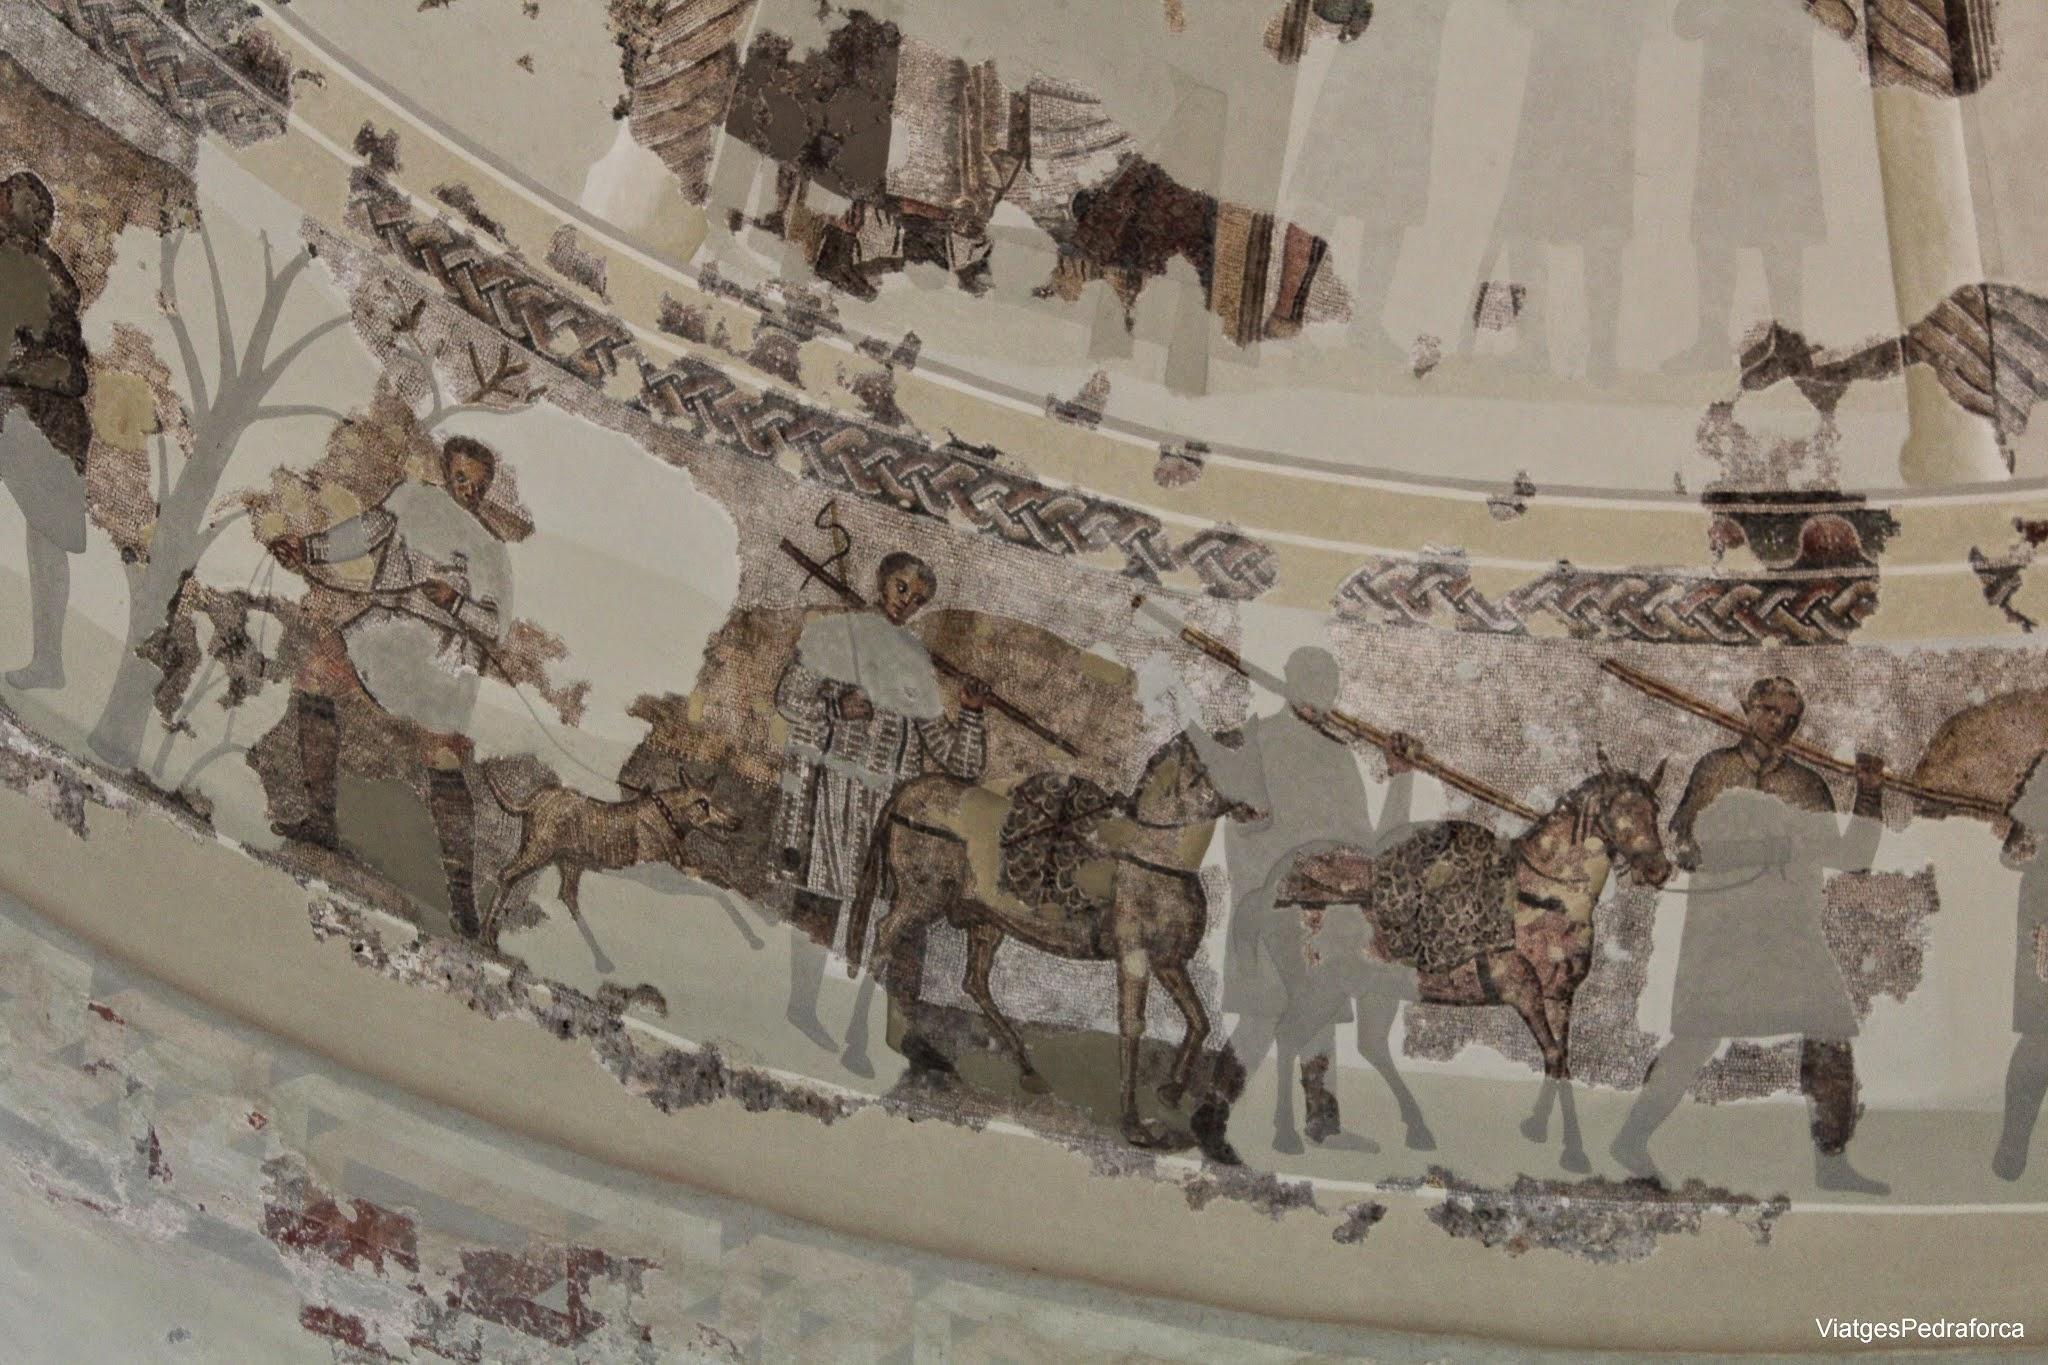 Vil.la romana de Centcelles mosaics Constanti Conjunt Arqueologic de Tarraco